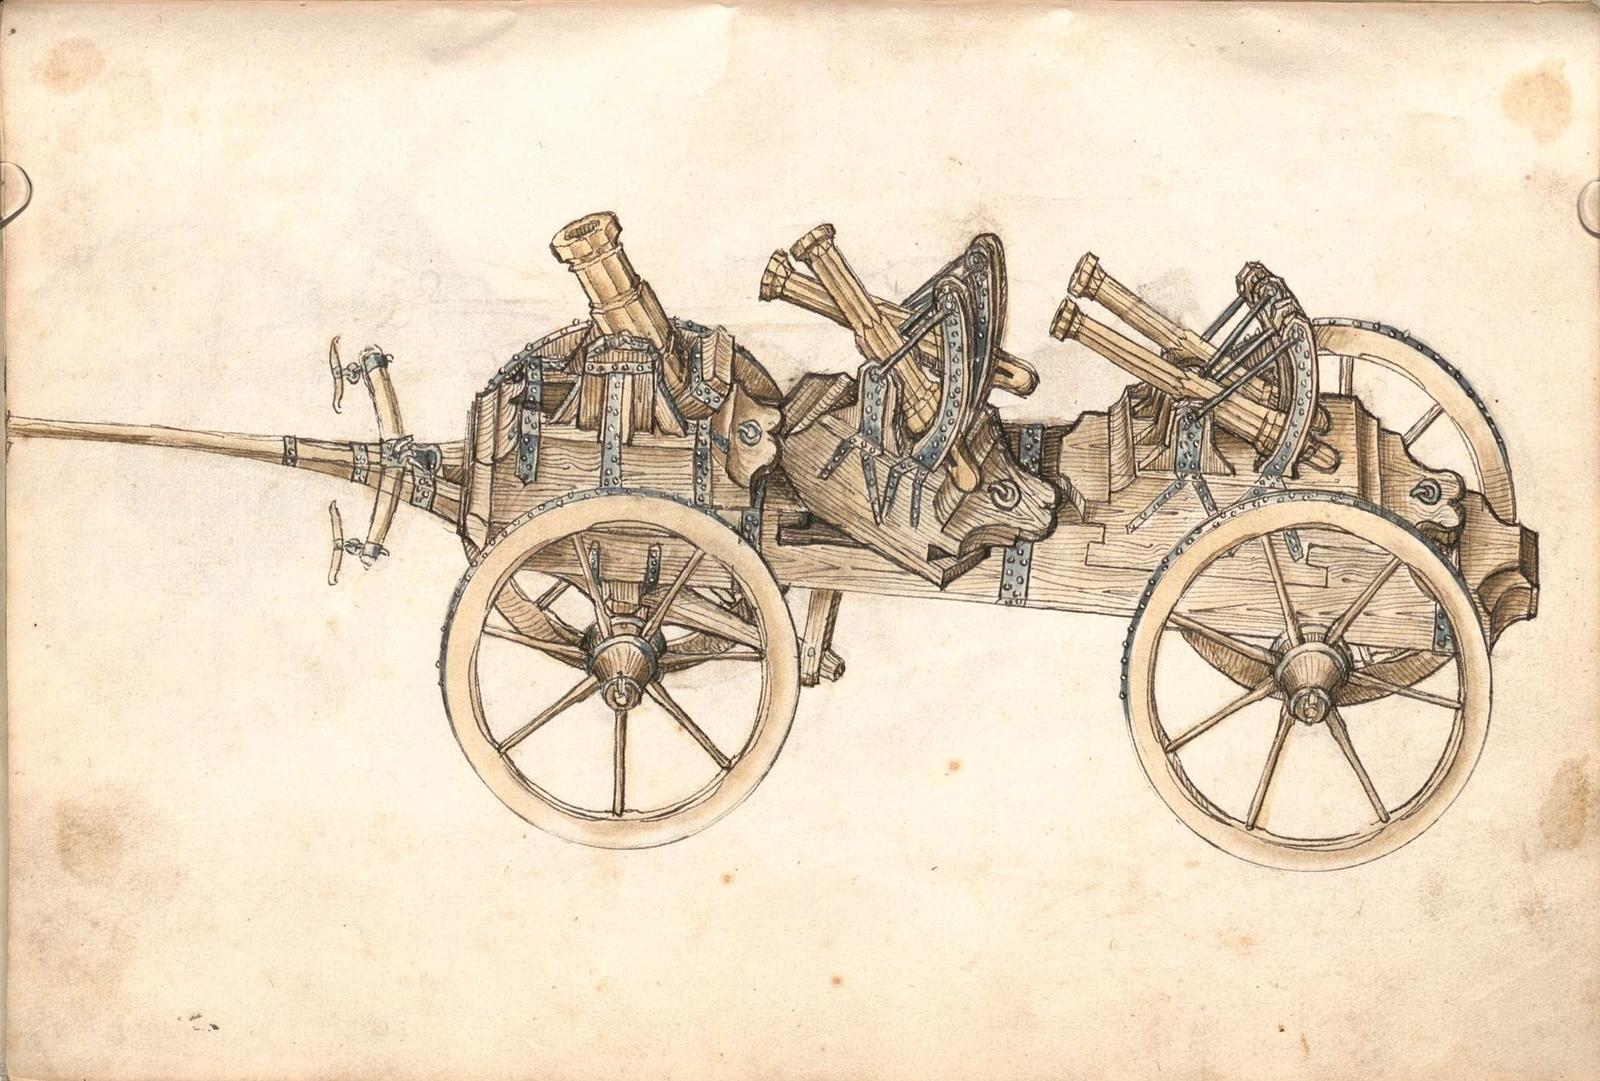 Feuerwerksbuch - Martin Merz 1450+ a